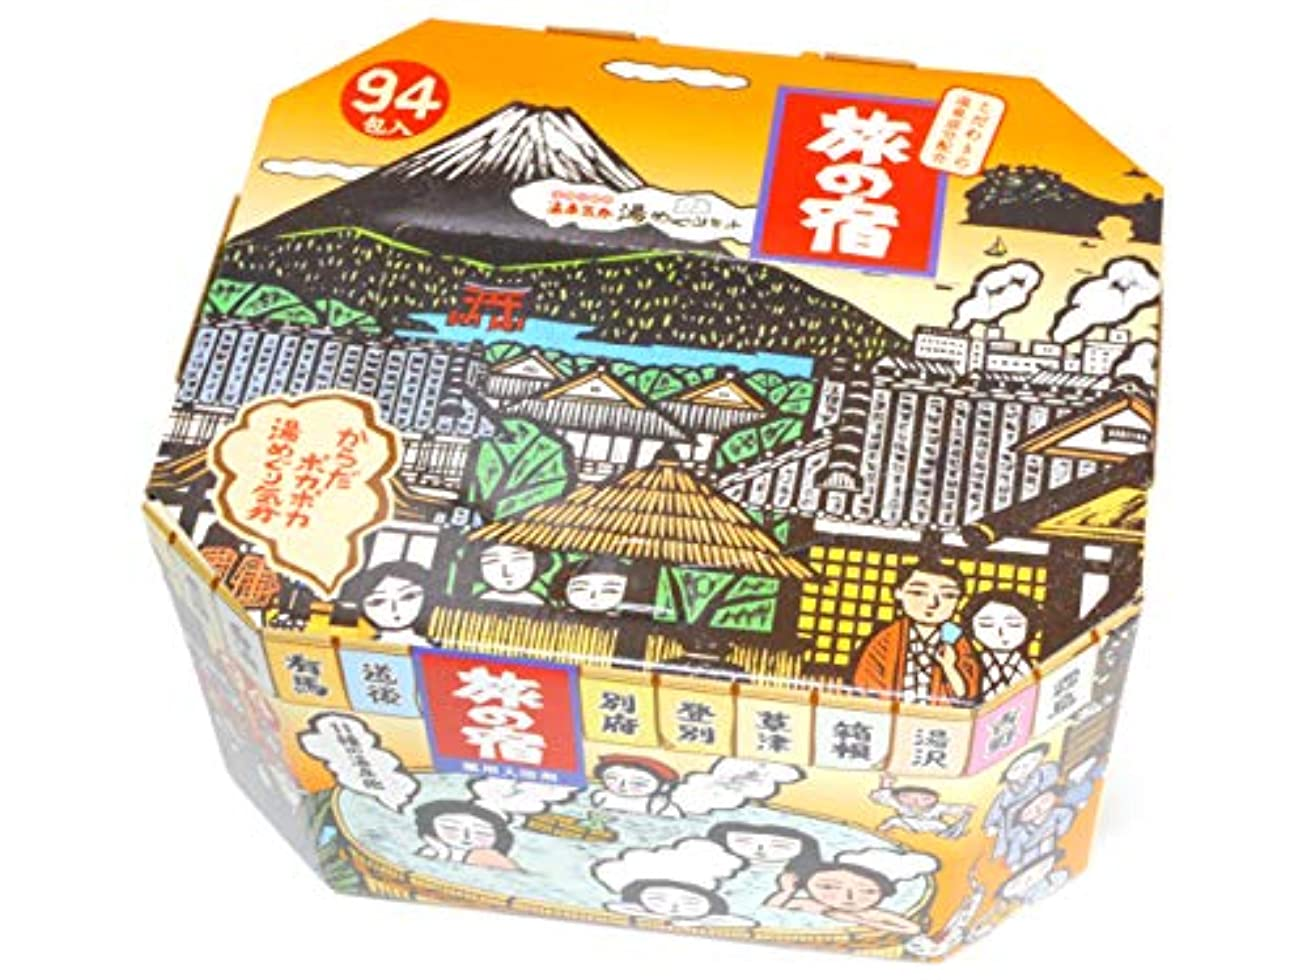 過ち電球ブラジャー旅の宿(薬用入浴剤) (94包入)